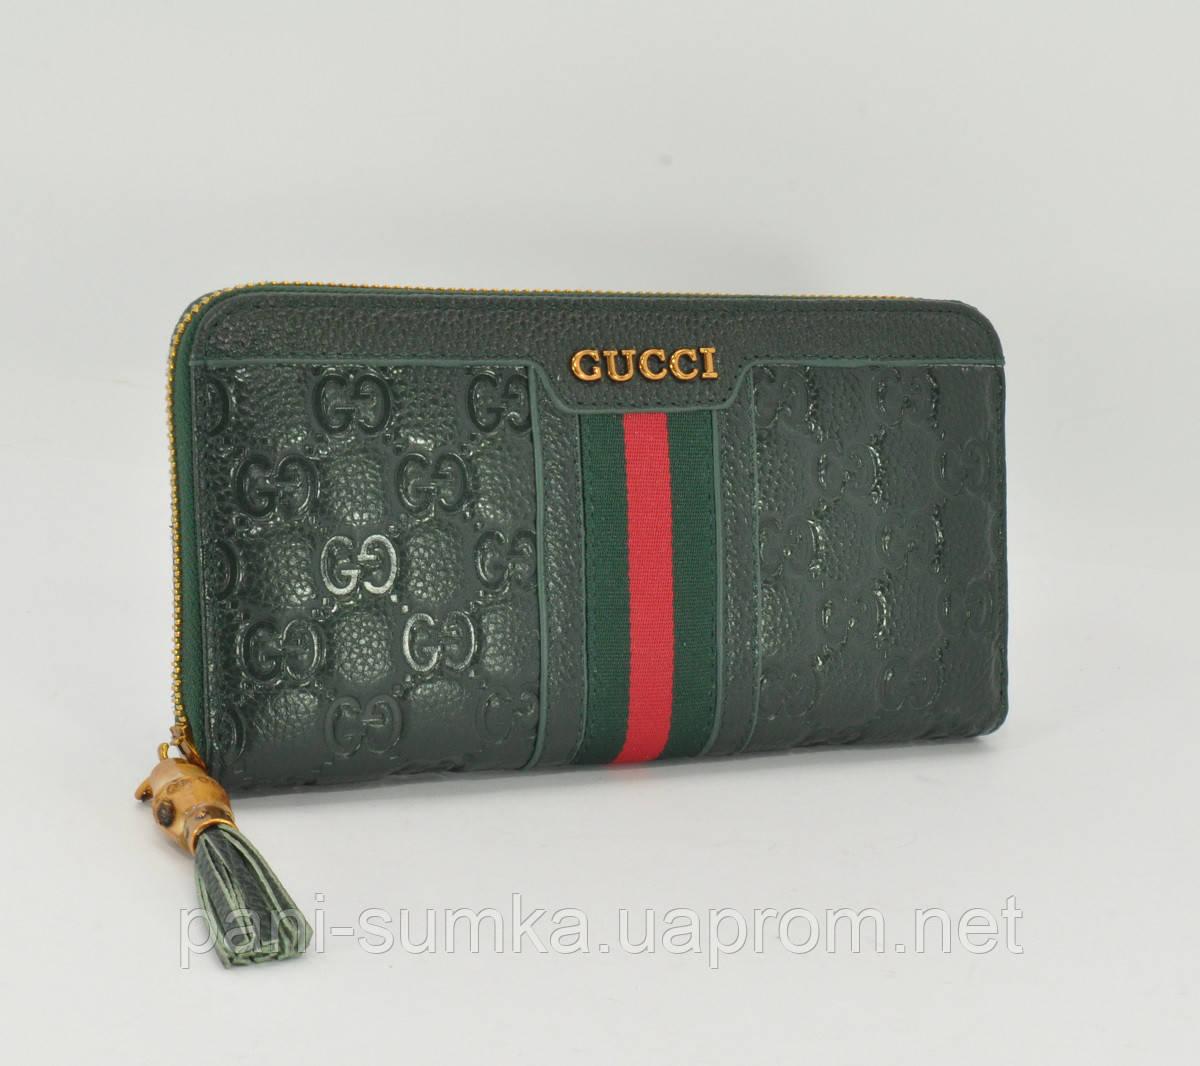 5a6070ad9c14 Кошелек женский кожаный на молнии Gucci 8015 темно-зеленый: продажа ...